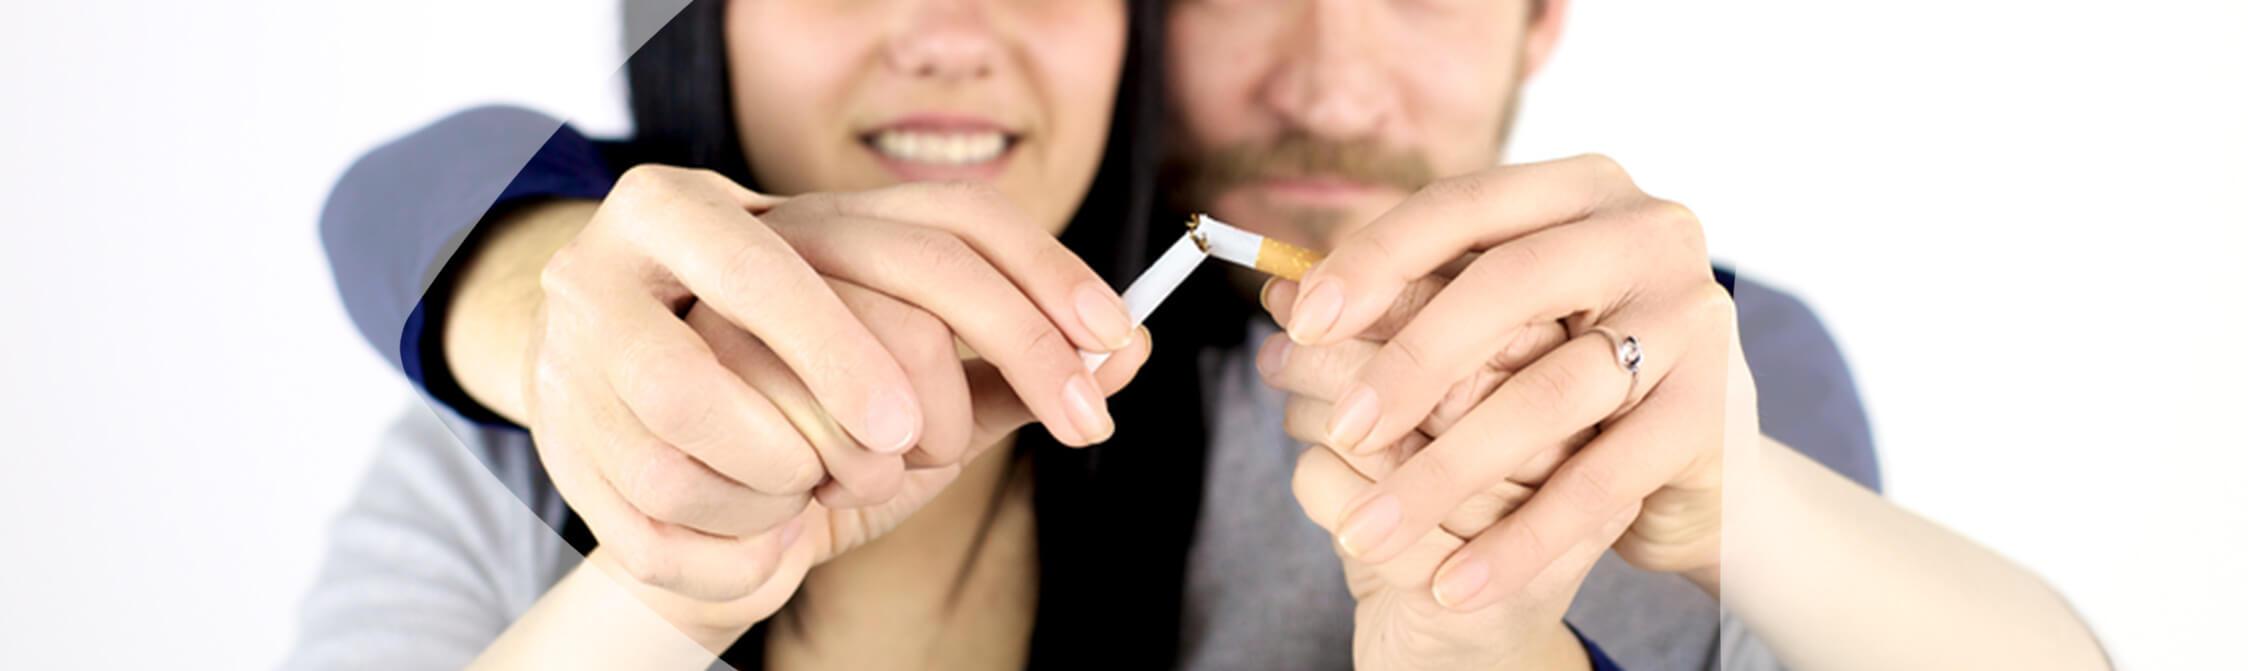 Os pulmões de um fumador